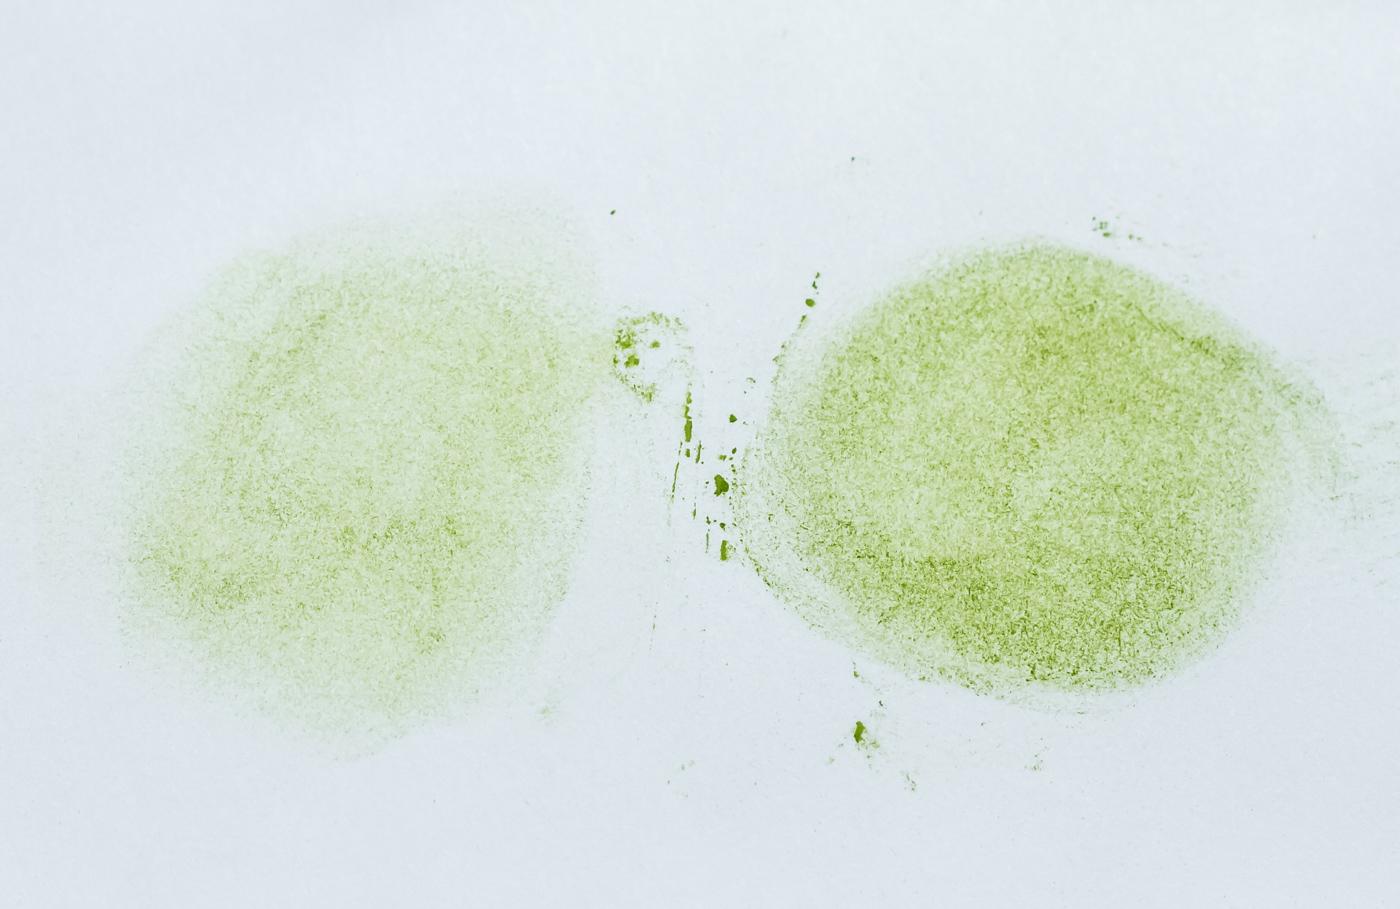 Texture evaluation, on the left, Saemidori. On the right, Okumidori.